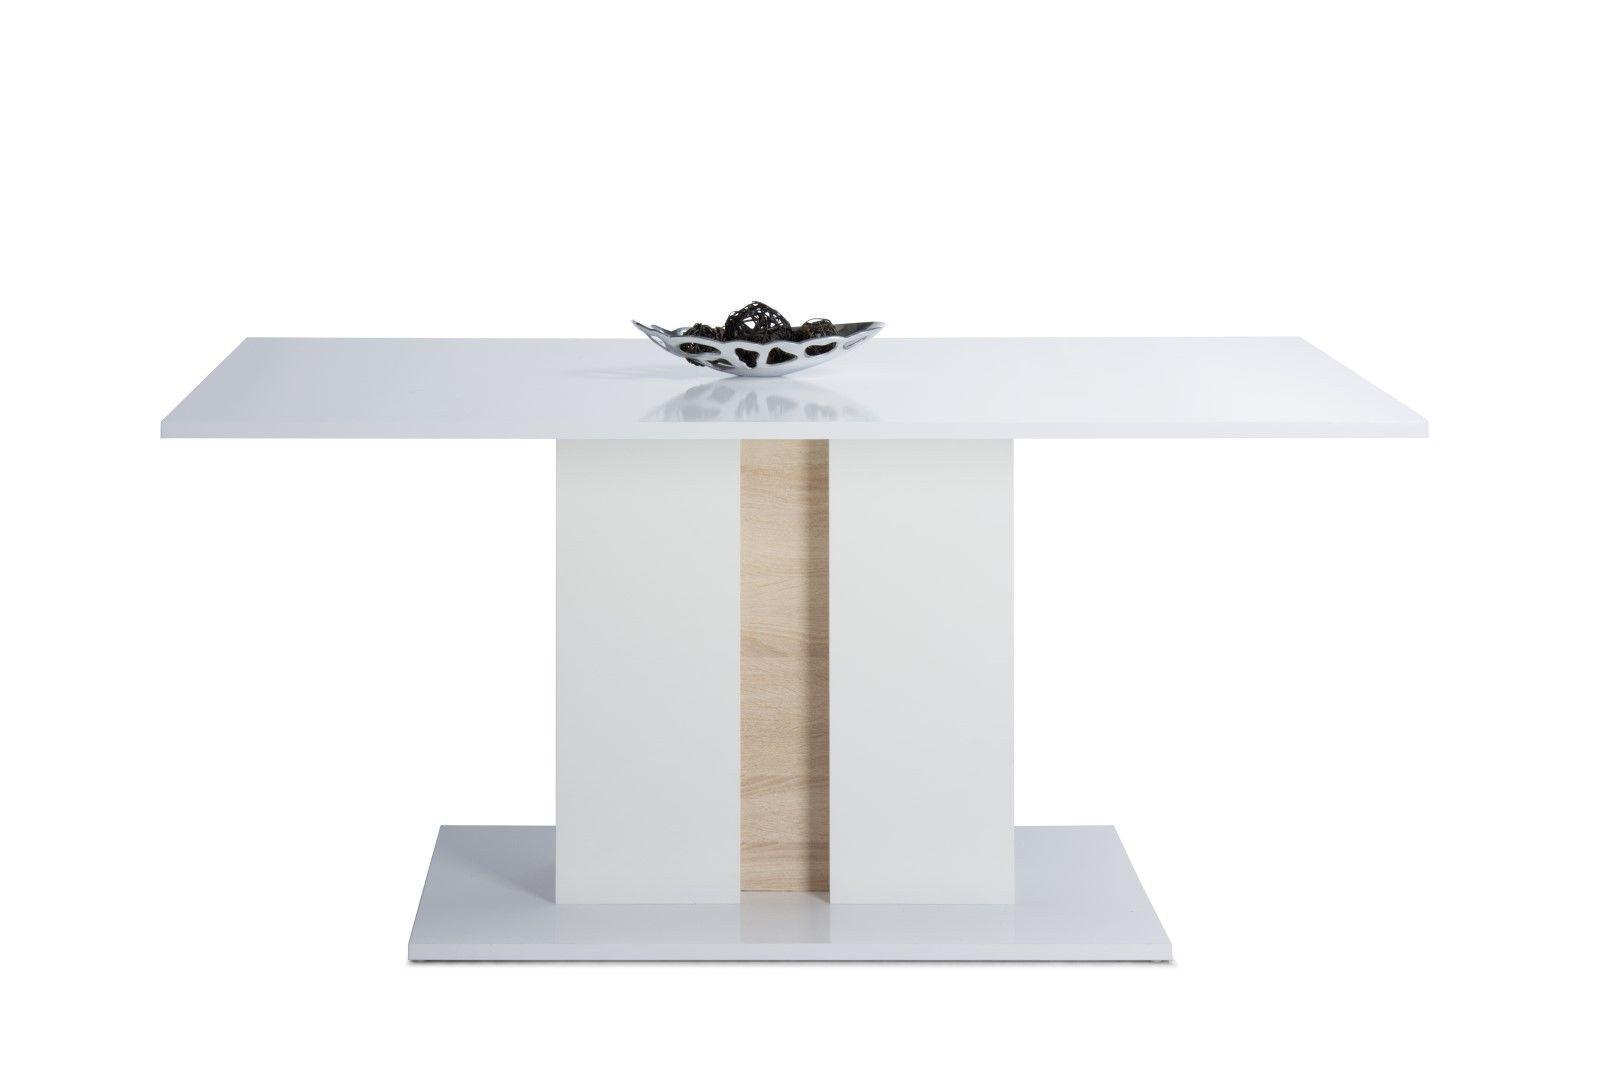 tisch esstisch shine weiss hochglanz s ulenfu 160 x 90cm kaufen bei sylwia lesniewska. Black Bedroom Furniture Sets. Home Design Ideas